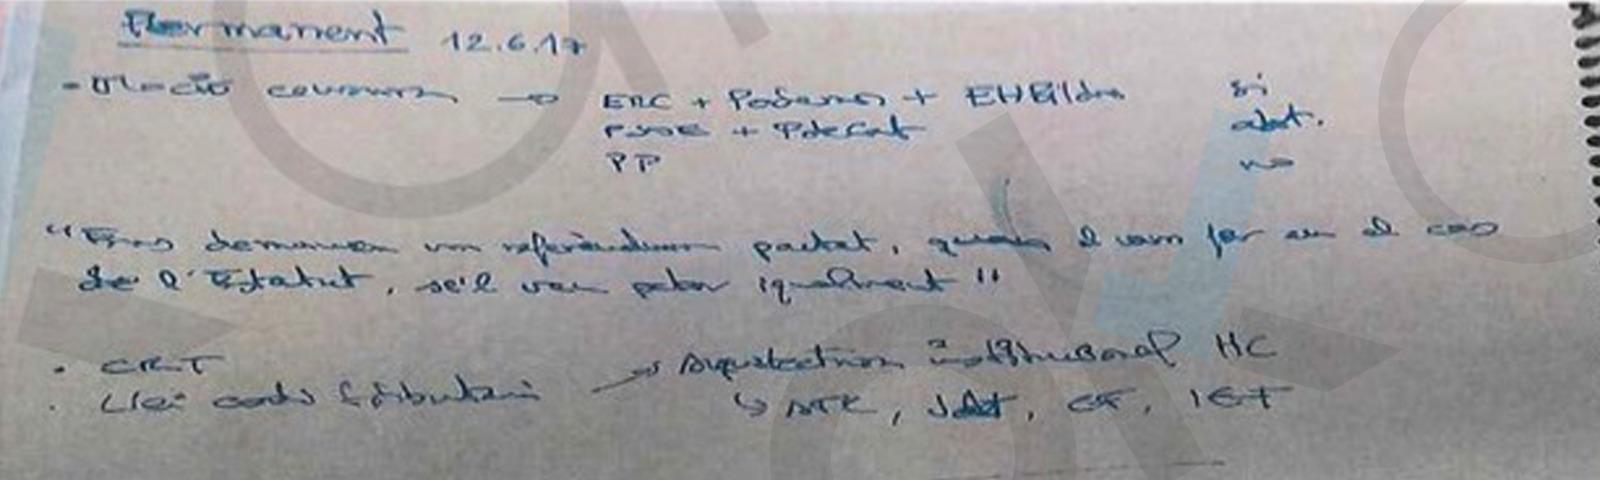 Un documento incautado demuestra que ERC ya planeaba una moción de censura contra Rajoy antes del 1-O